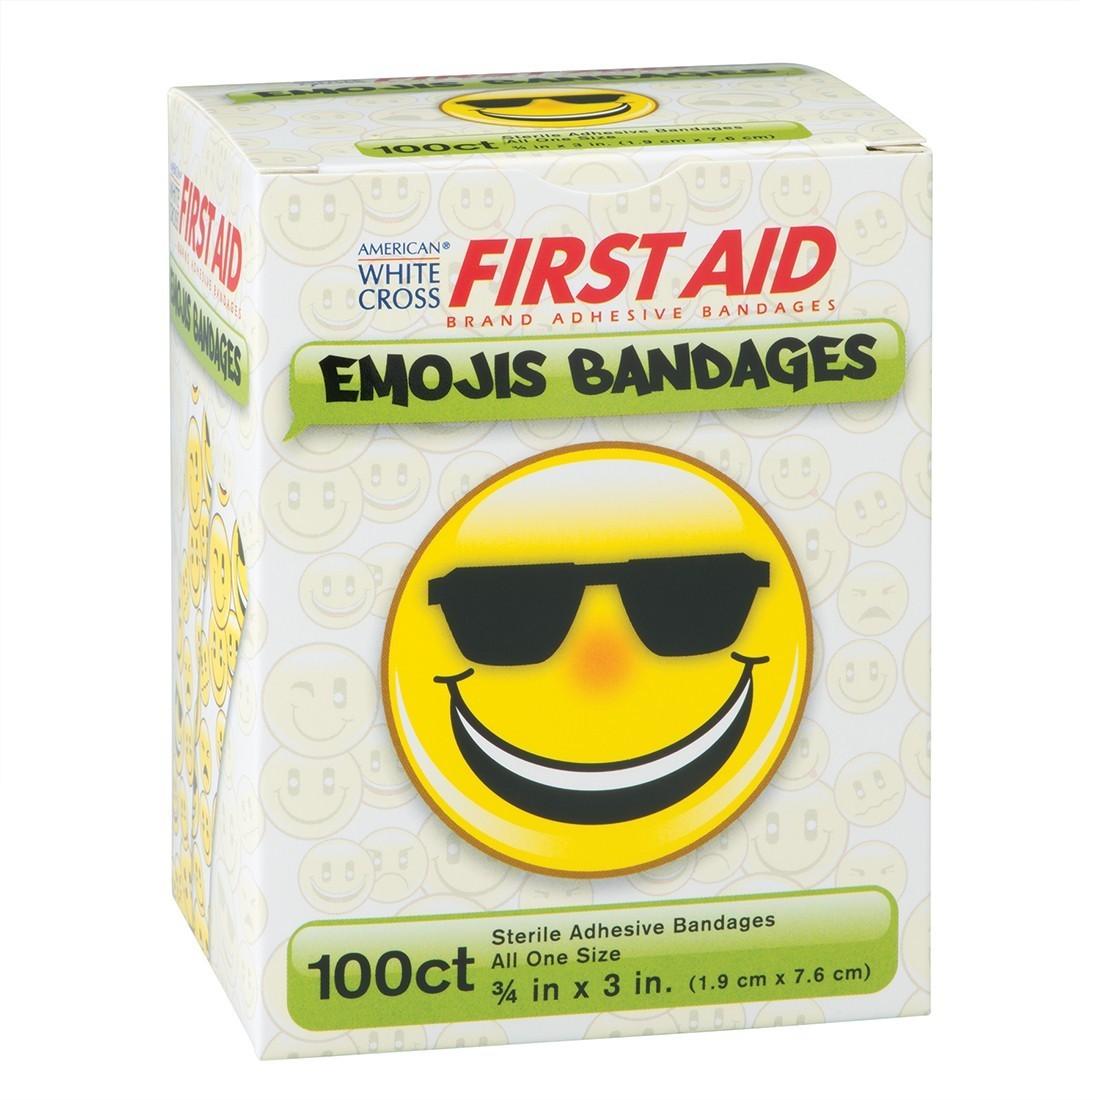 Emojis Bandages   [image]